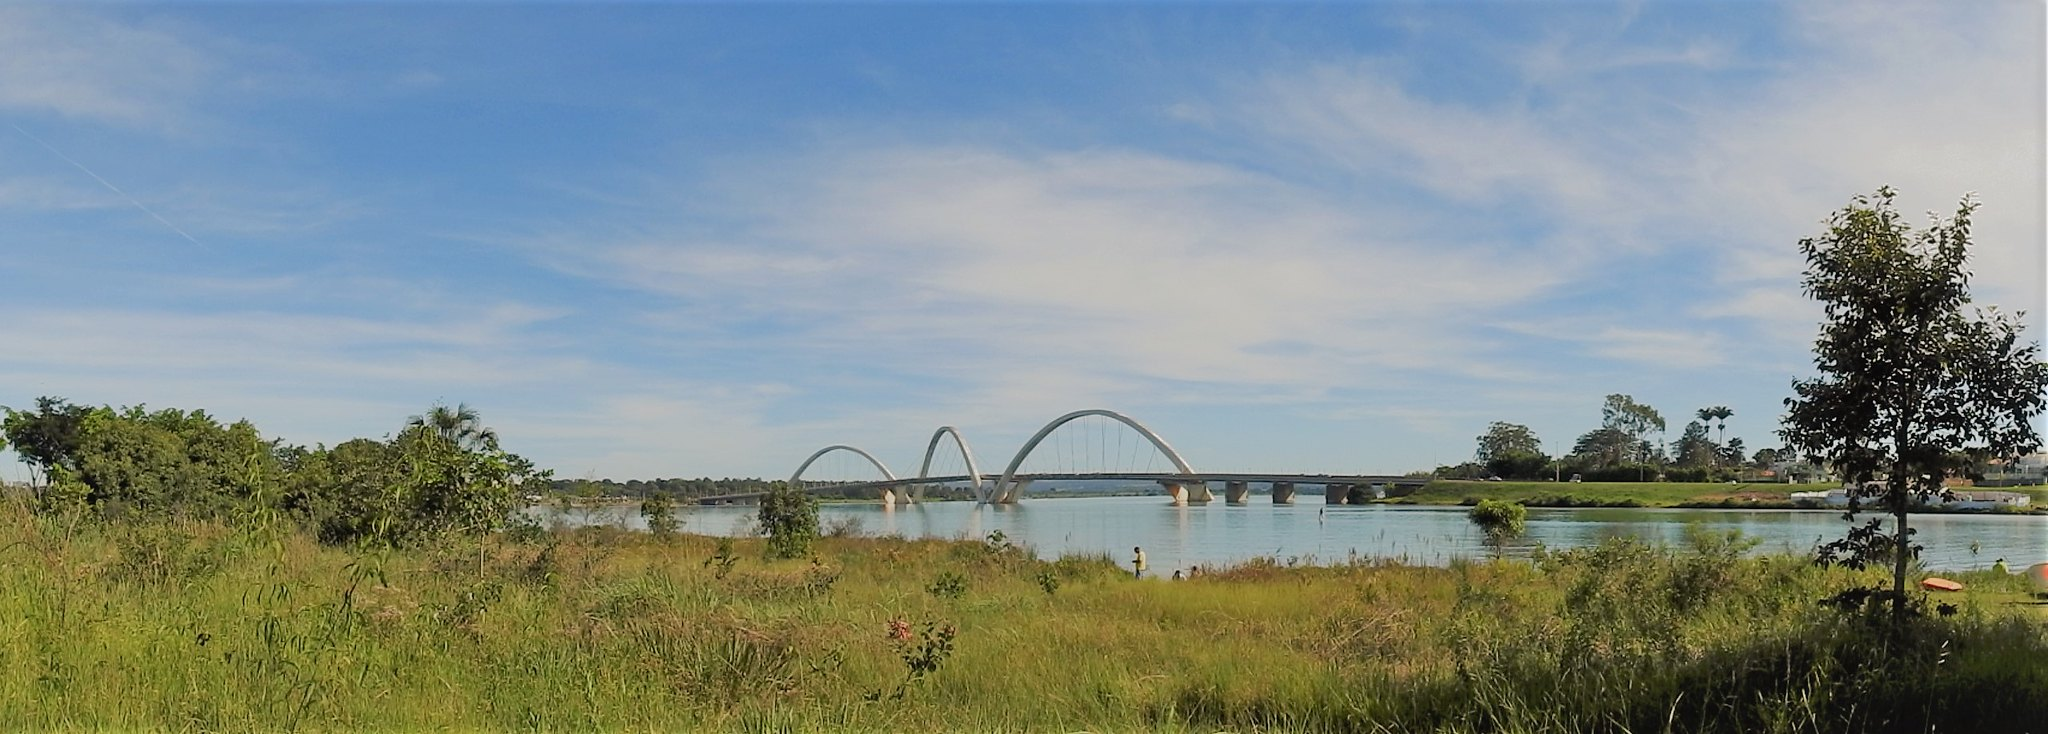 Ponte JK vista de longe